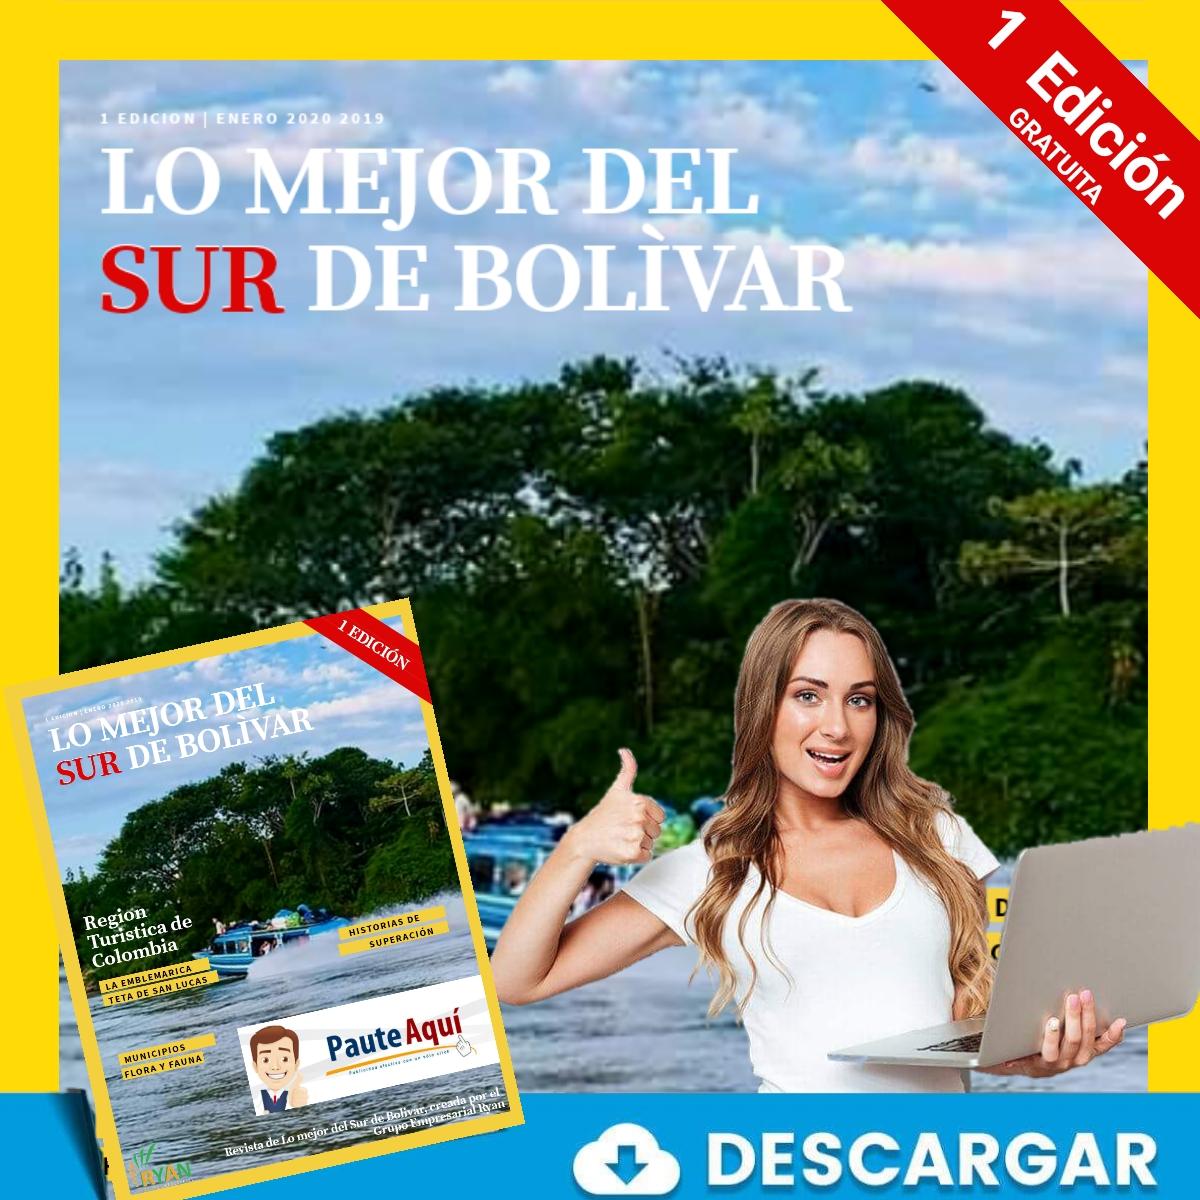 Descarga la revista digital de Lo mejor del sur de Bolivar